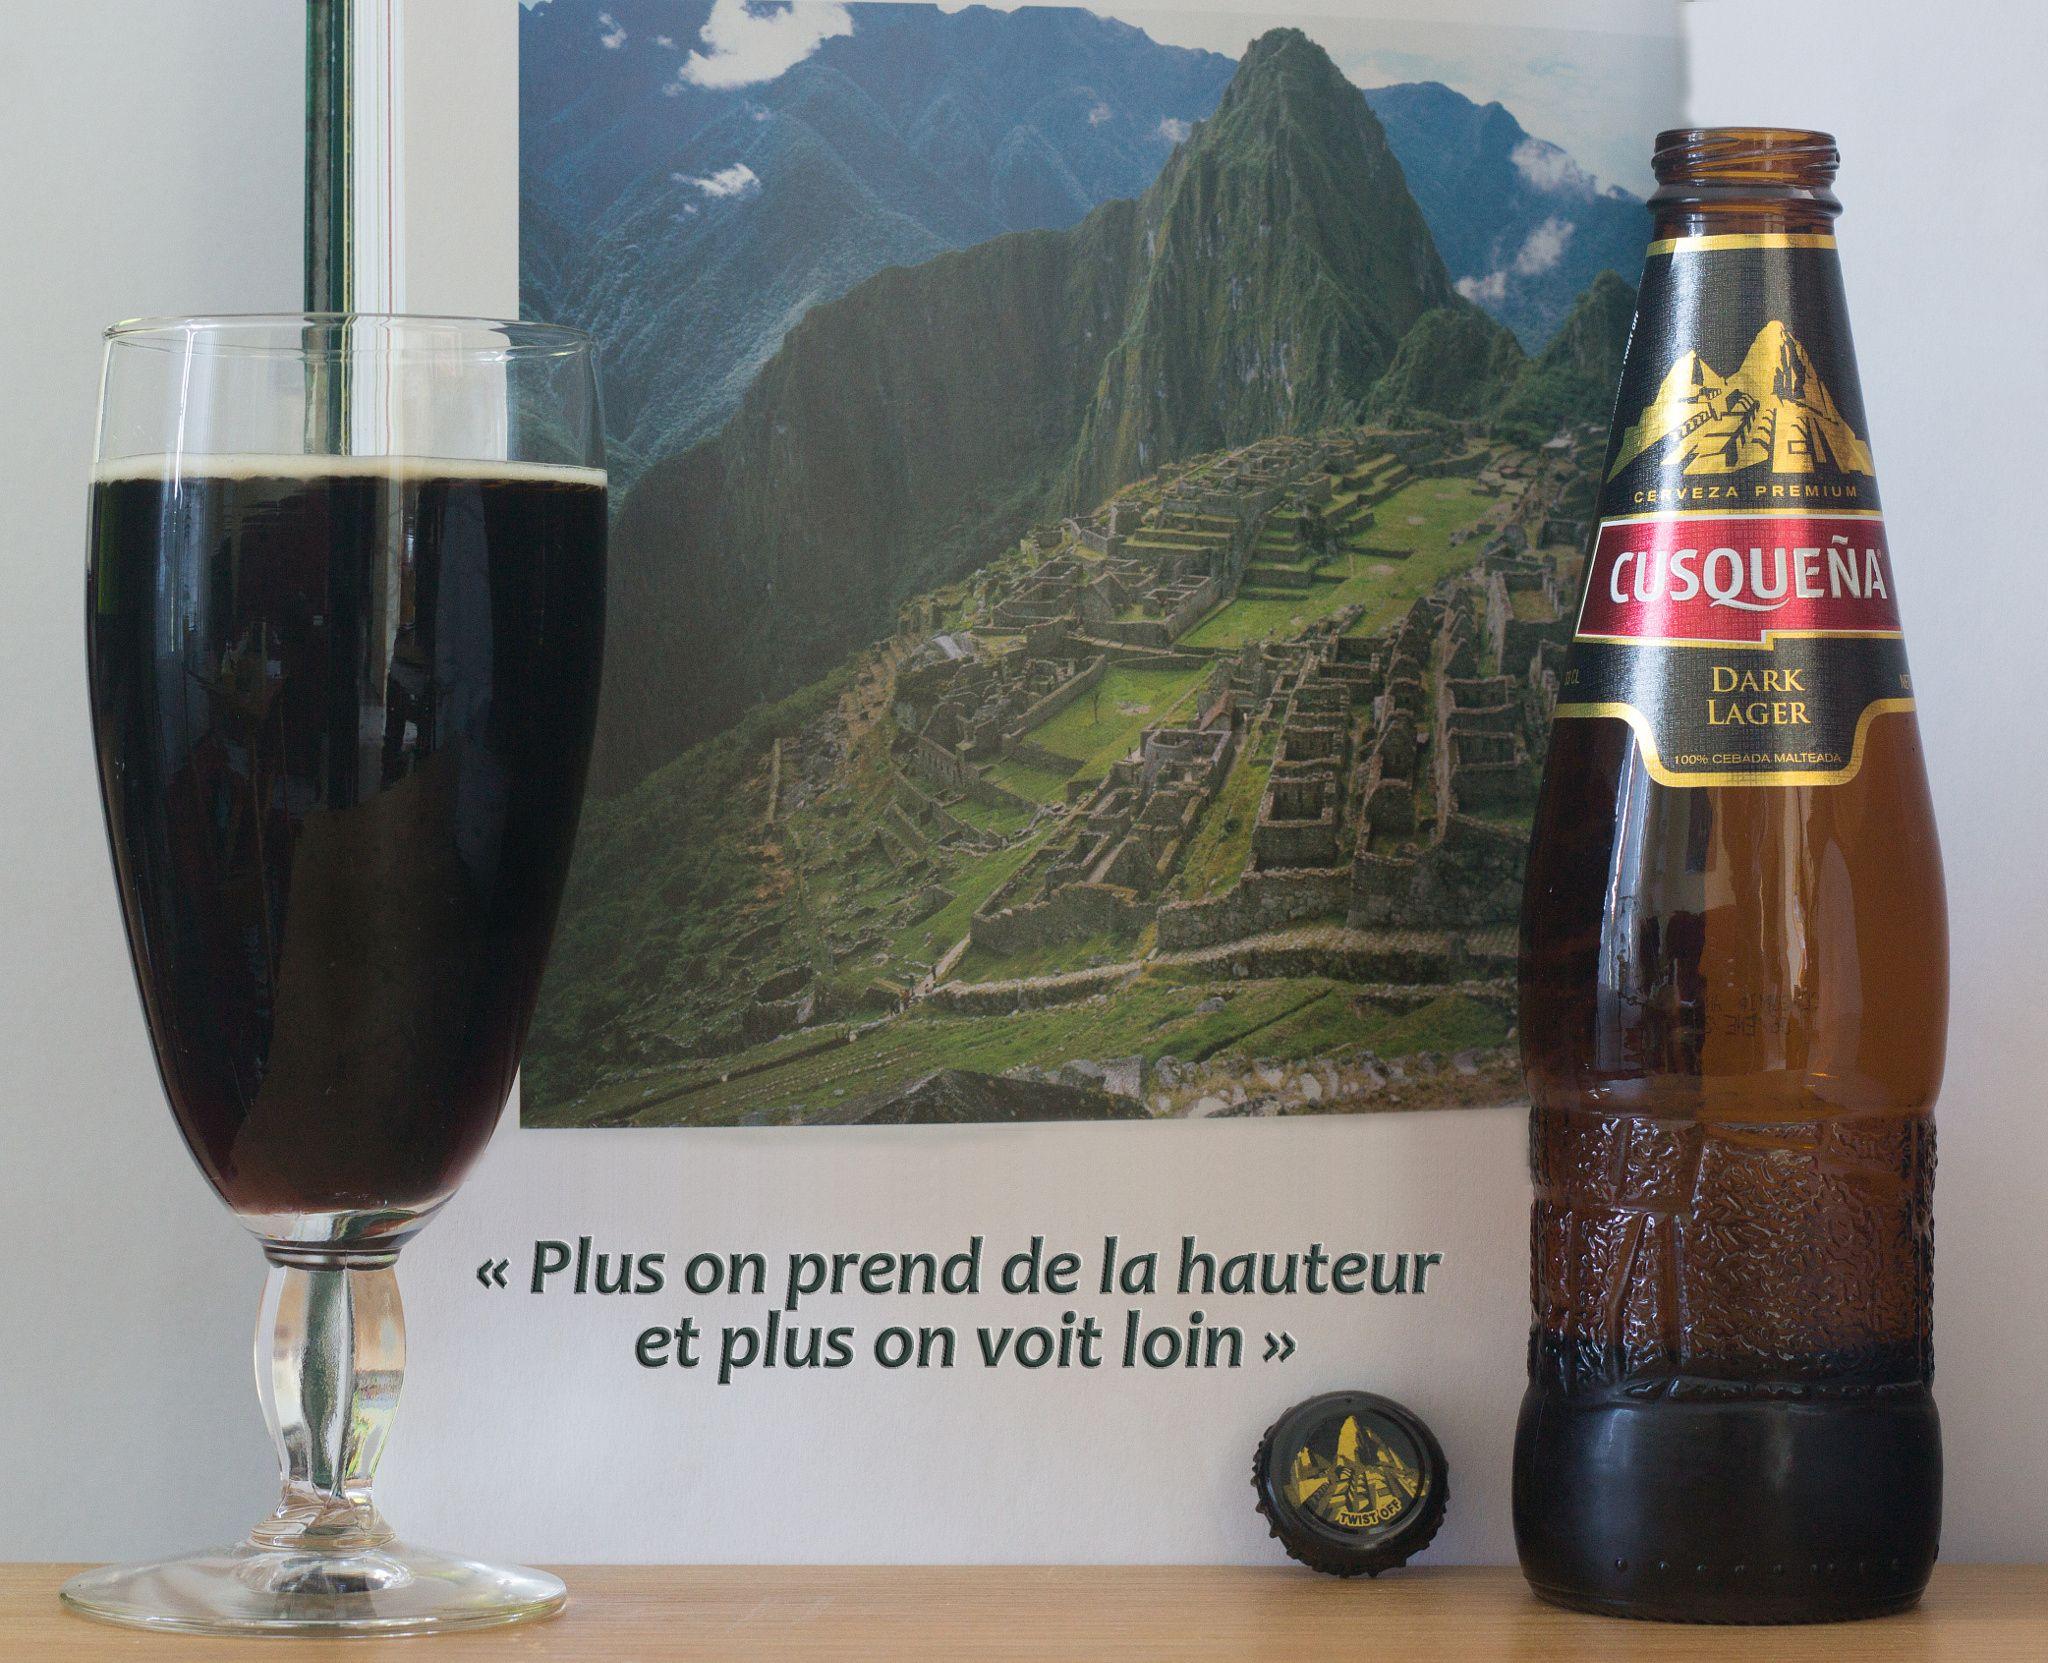 """Cusqueña Dark Lager - Cusqueña Dark Lager (cervecerias Backus and Johnston - Pérou) -  Machu Picchu -  """"Plus on prend de la hauteur et plus on voit loin"""""""